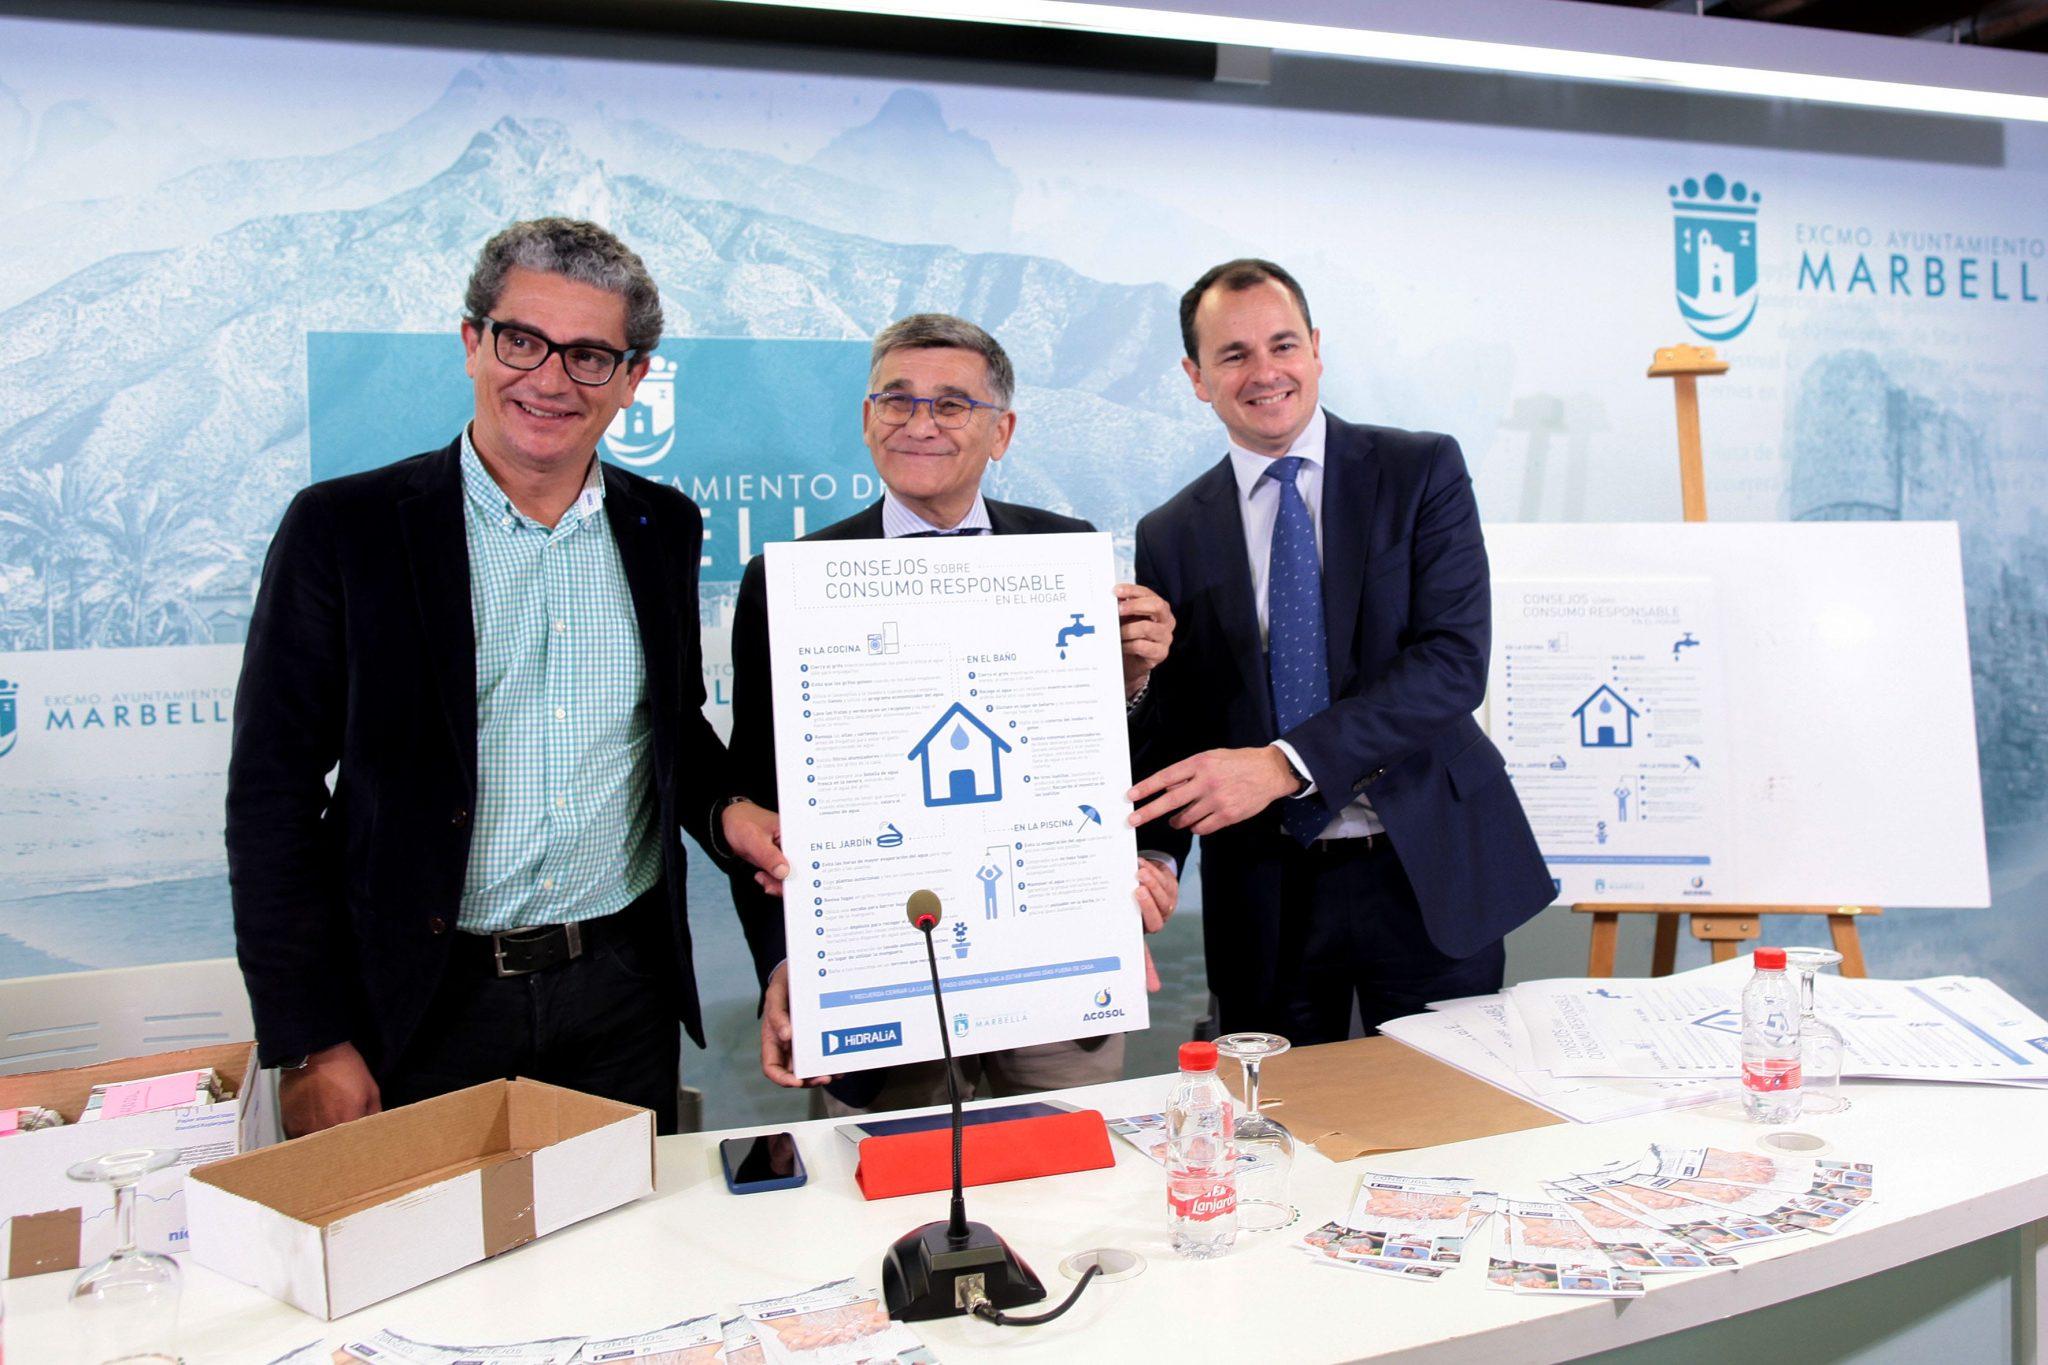 Ayuntamiento, Hidralia y Acosol ponen en marcha una campaña para concienciar sobre el consumo responsable de agua en el hogar